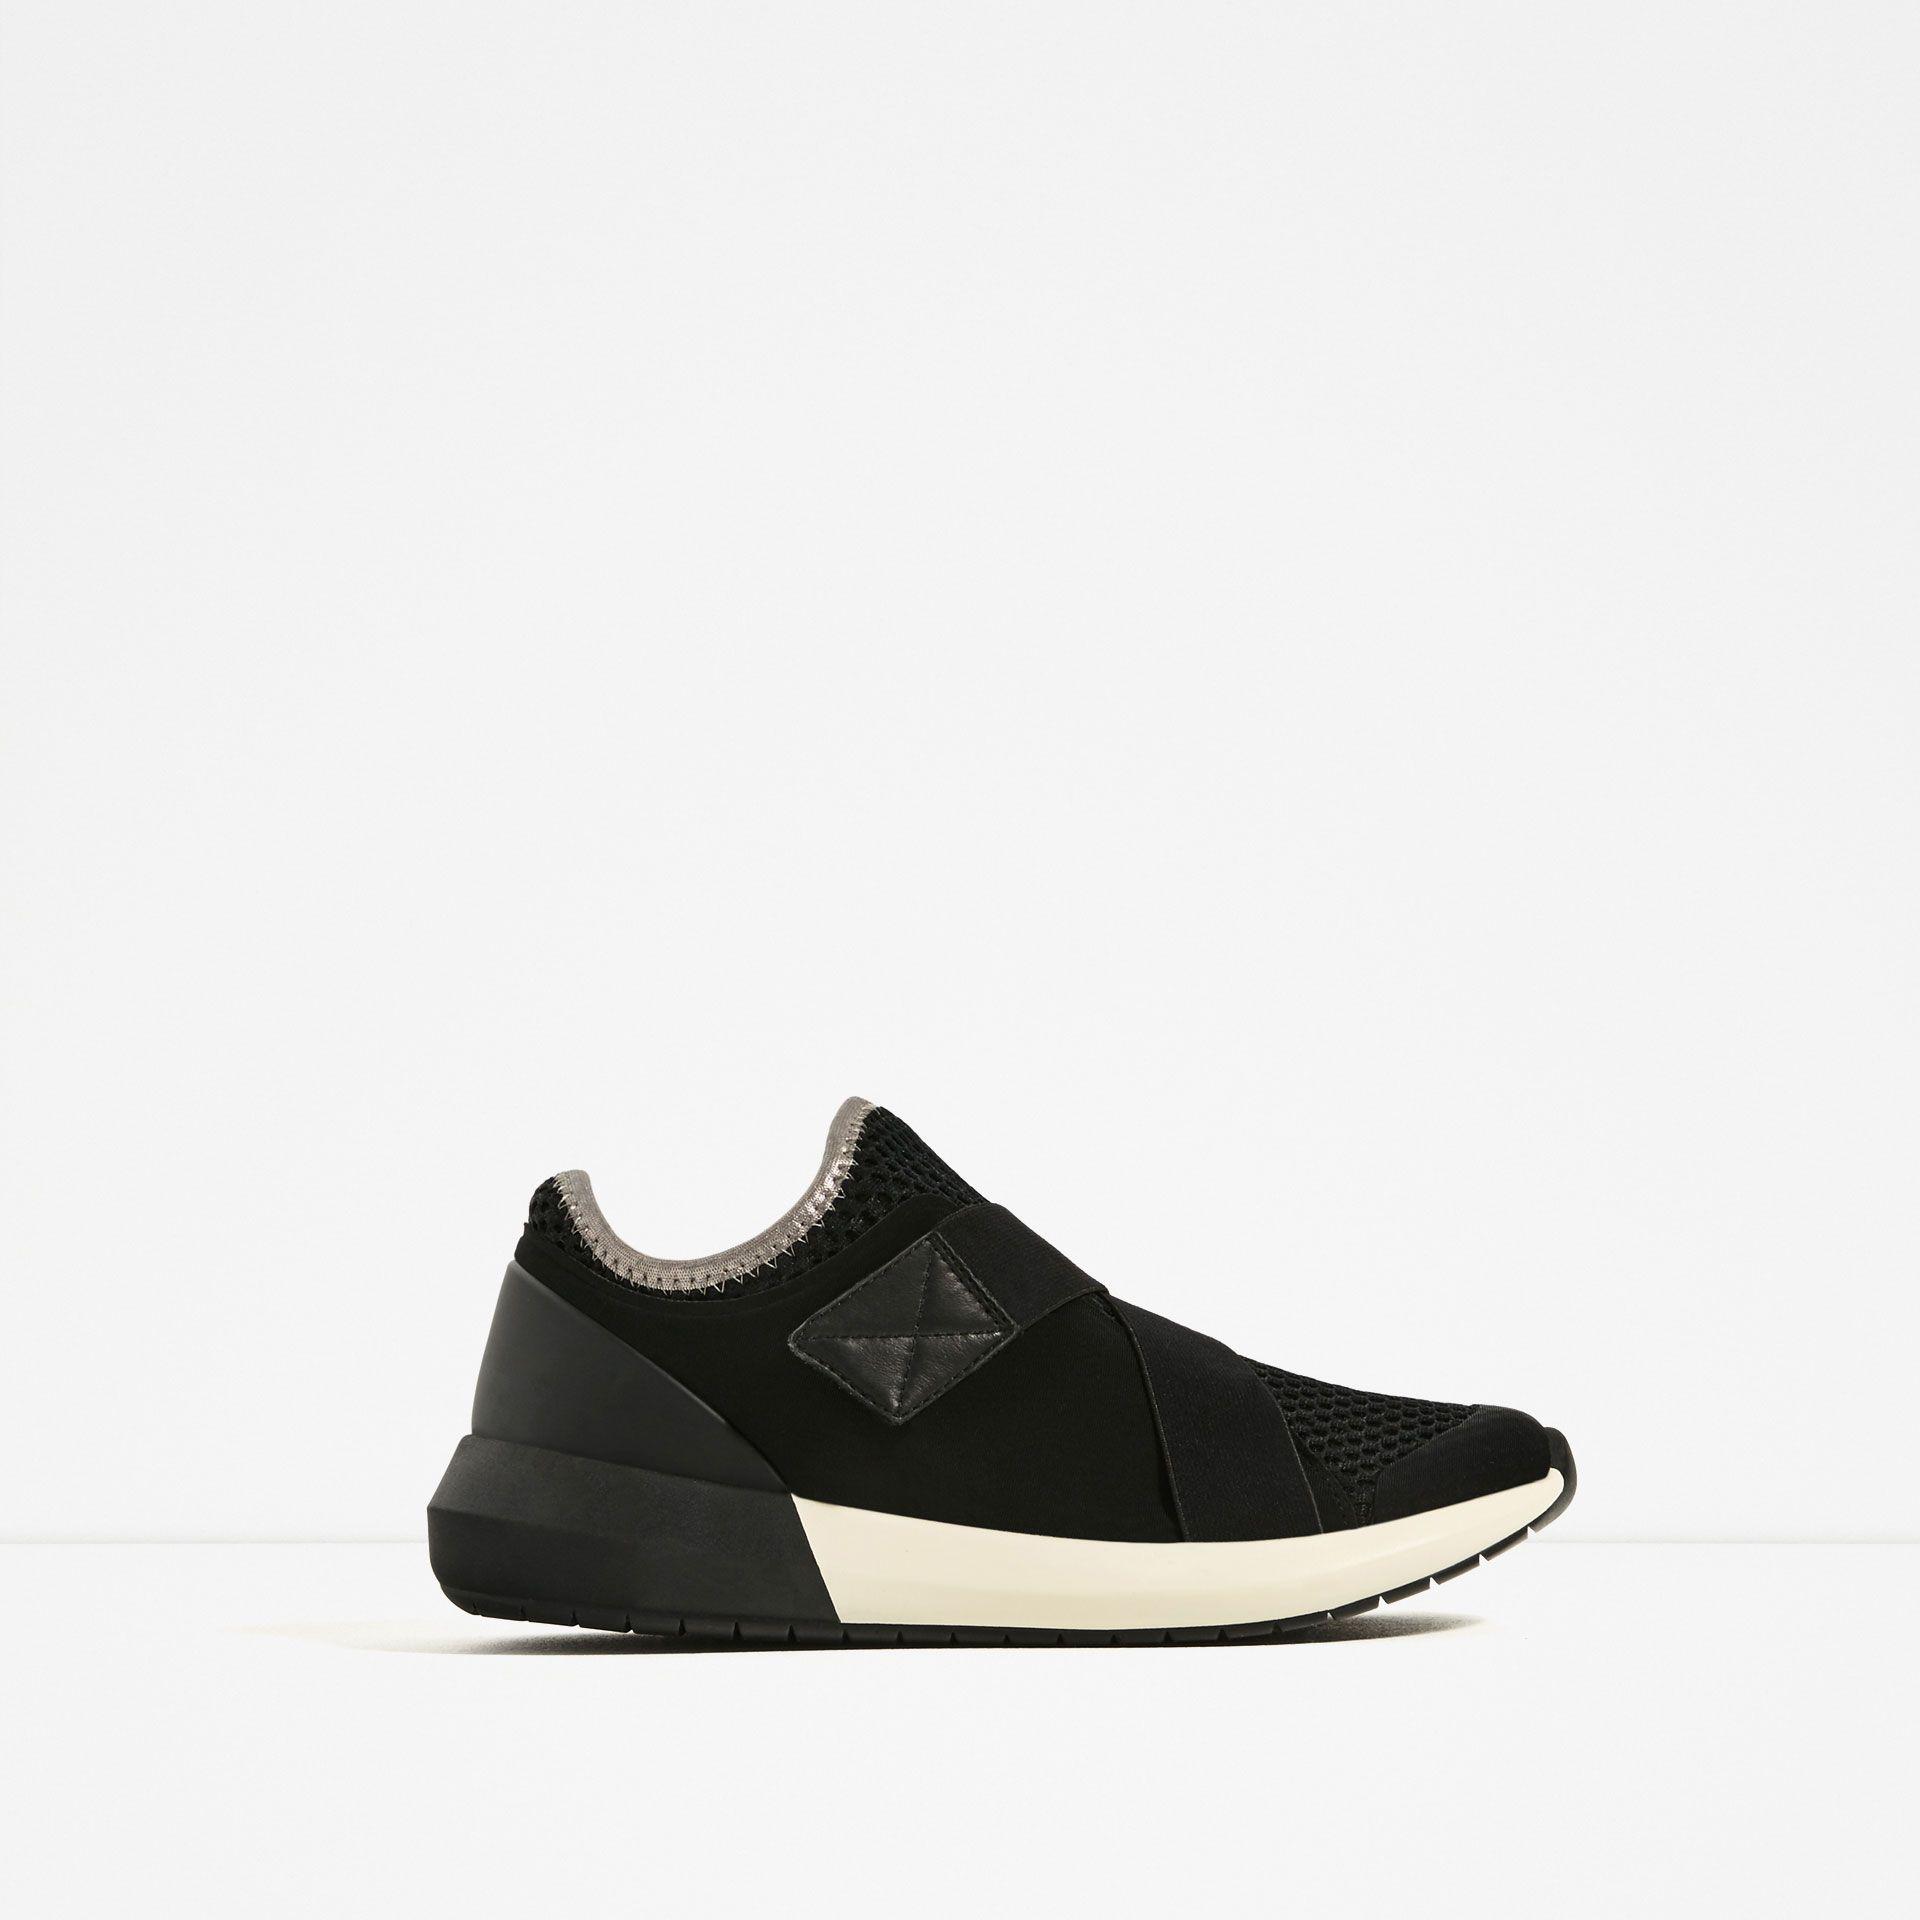 HOOK AND LOOP SNEAKERS Sneakers, Shoes, Womens sneakers